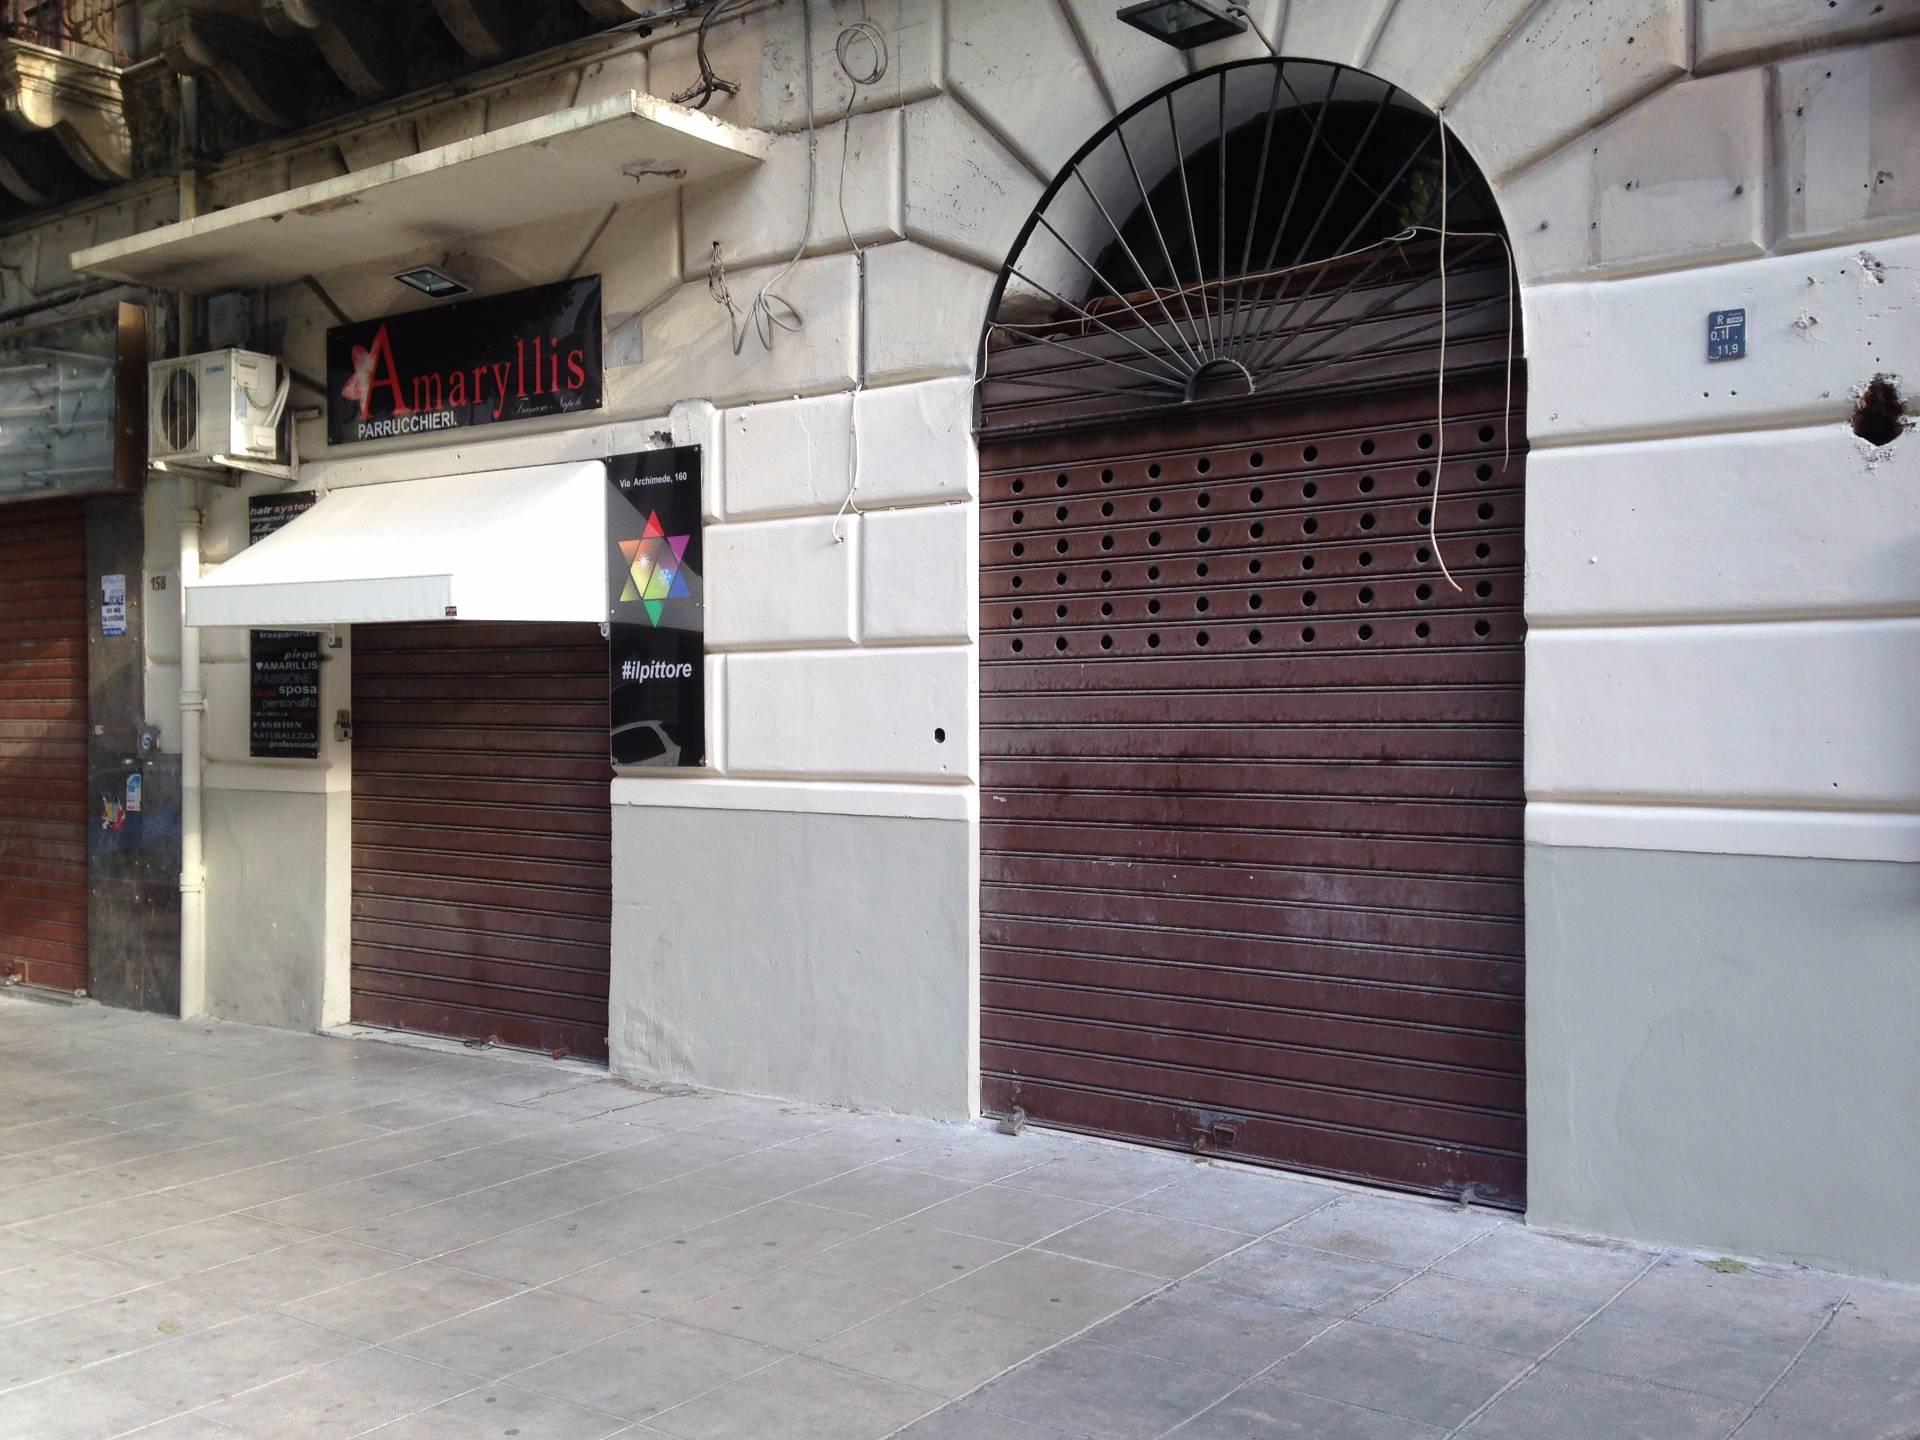 Negozio / Locale in affitto a Palermo, 9999 locali, zona Zona: Libertà, prezzo € 900 | Cambio Casa.it